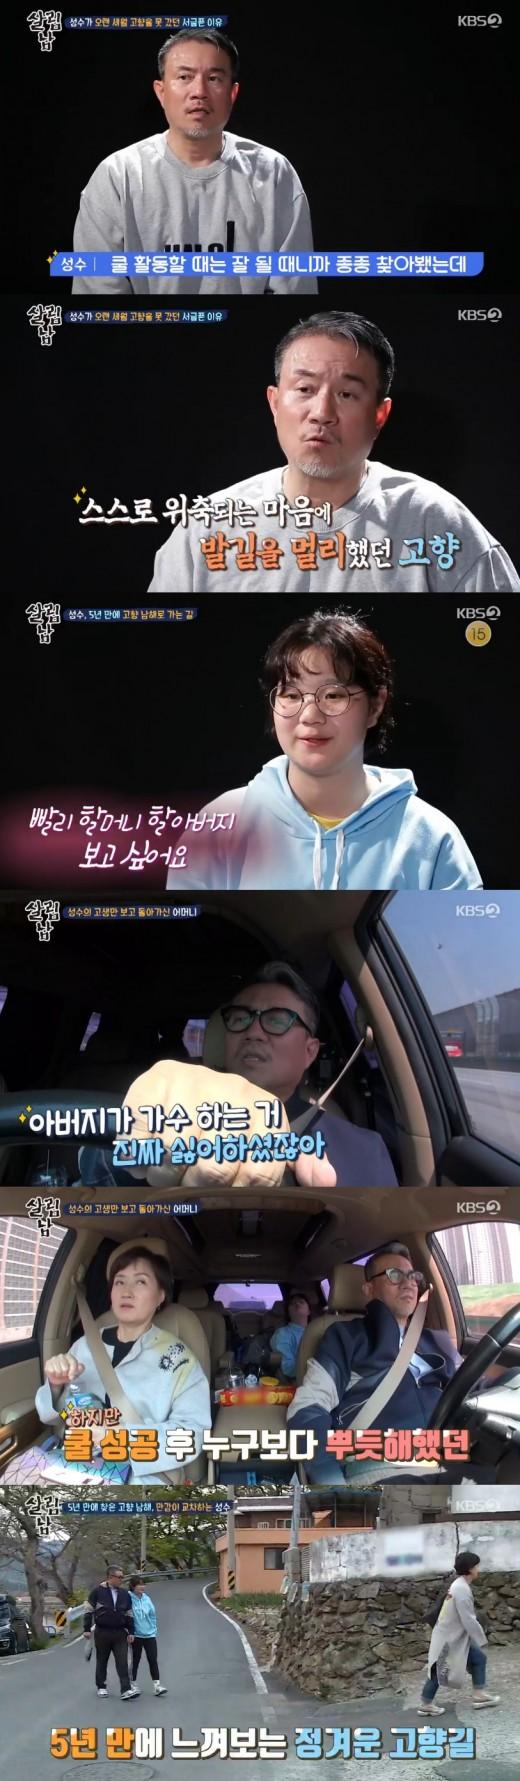 """'살림남' 김성수, 5년 만에 찾은 고향 """"가슴 속 응어리가 사라지는 느낌"""""""